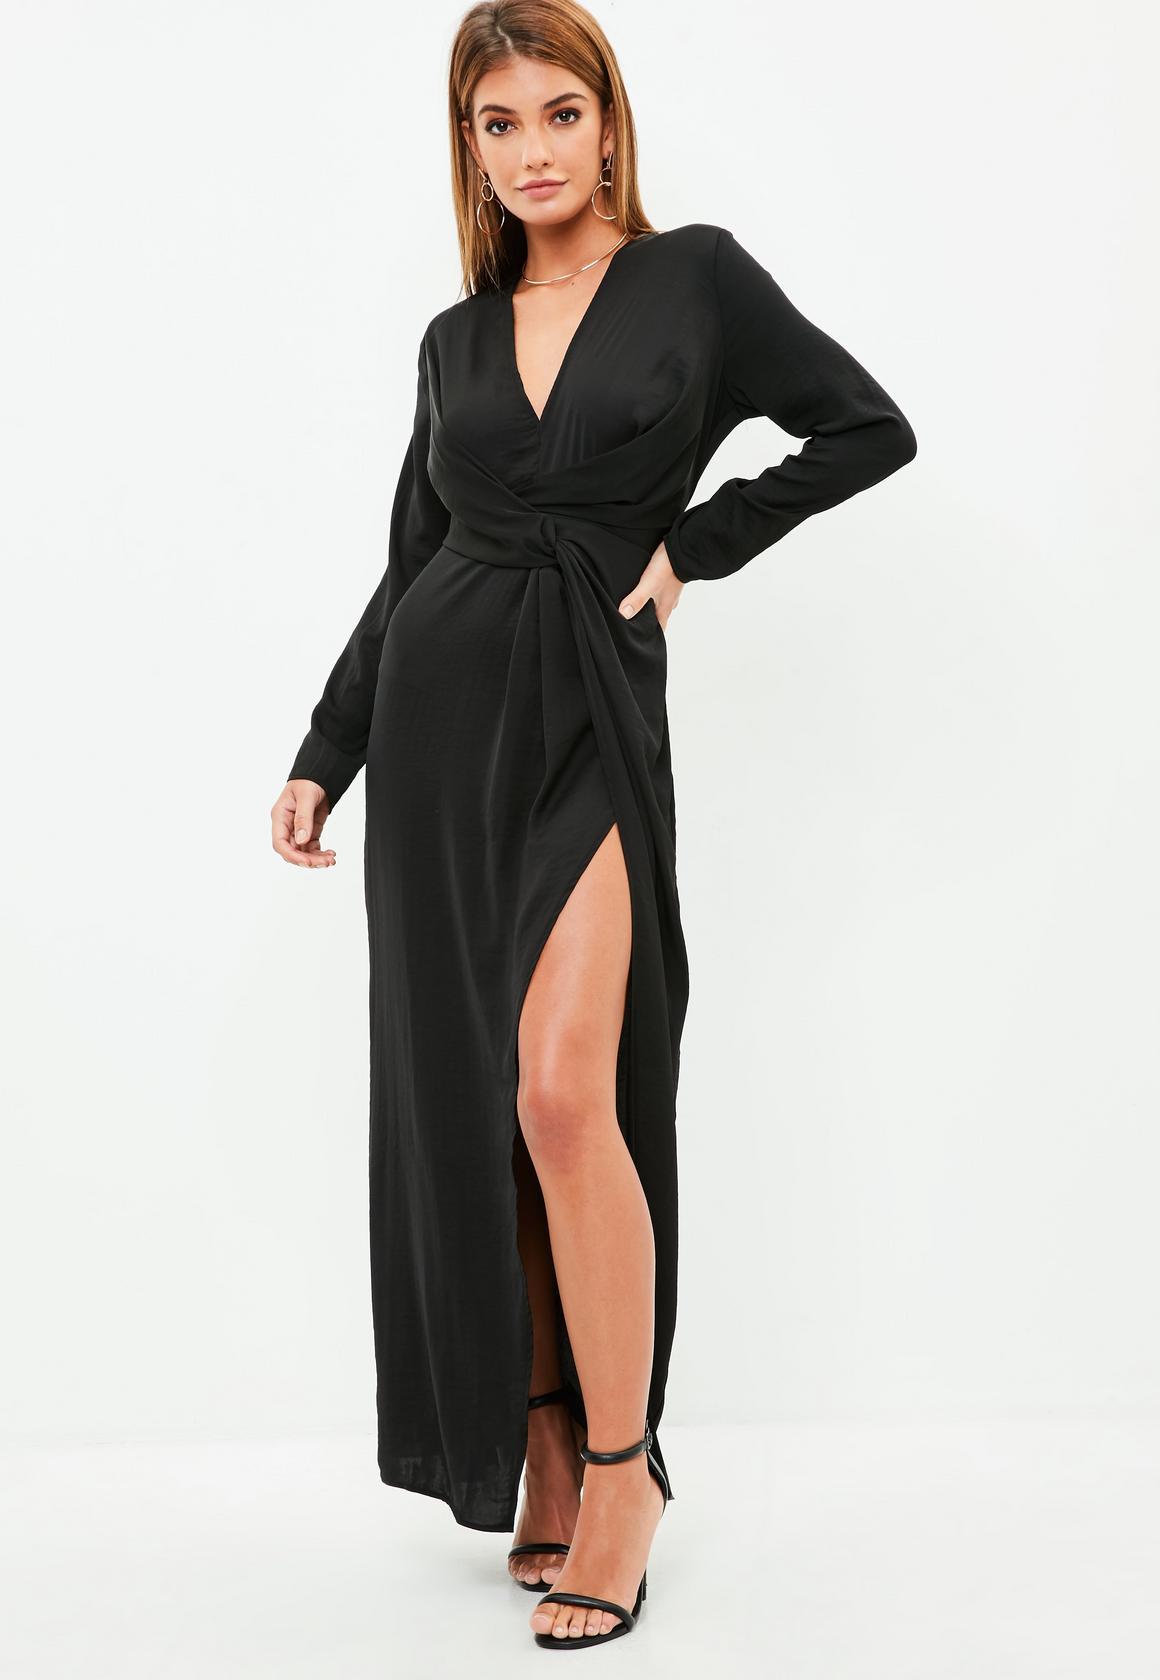 Shop online for Black plunge wrap front maxi dress